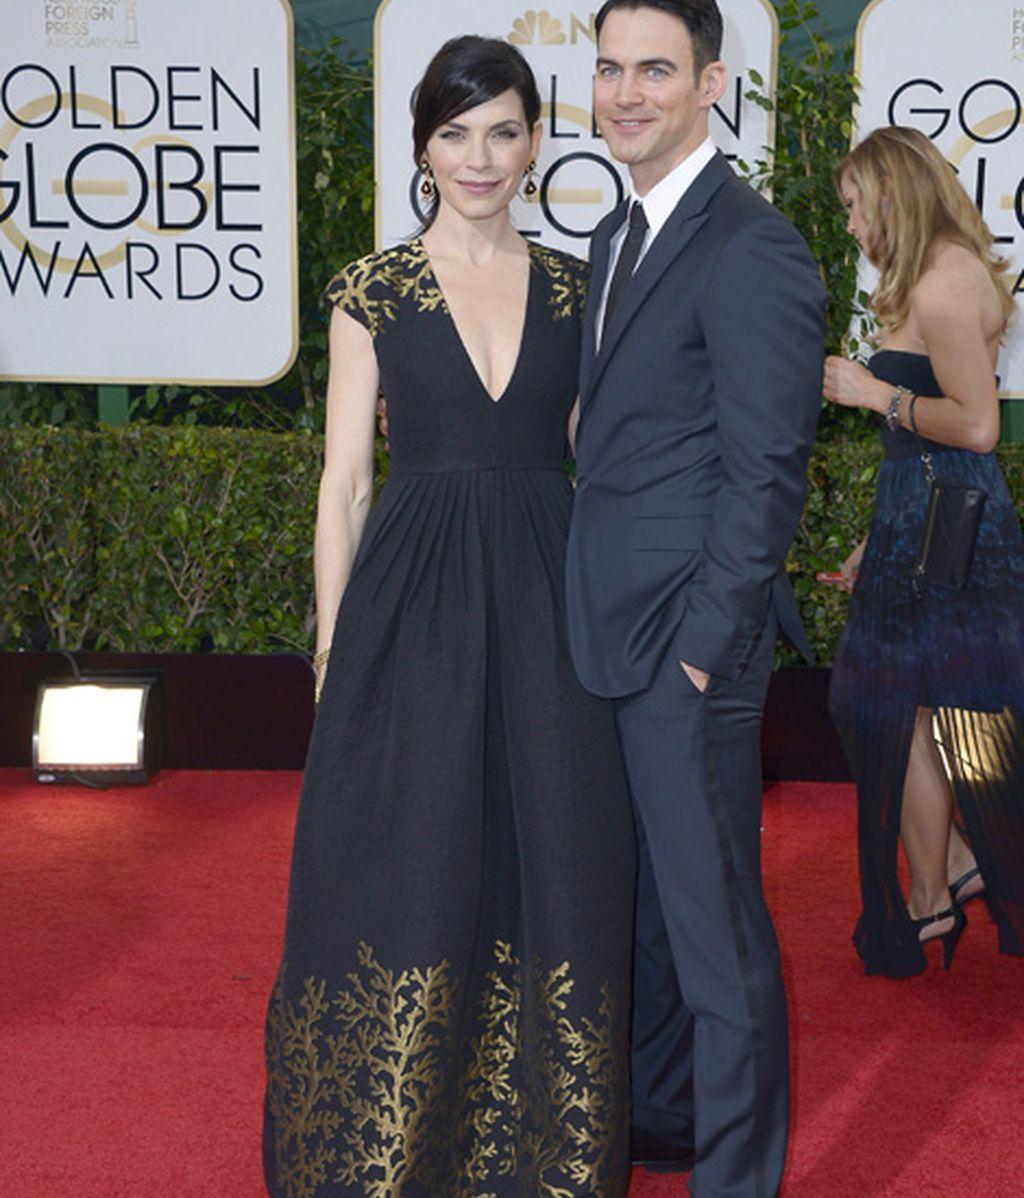 Julianna Margulies, nominada a mejor actriz en serie dramática por 'The good wife', y su esposo, Keith Lieberthal